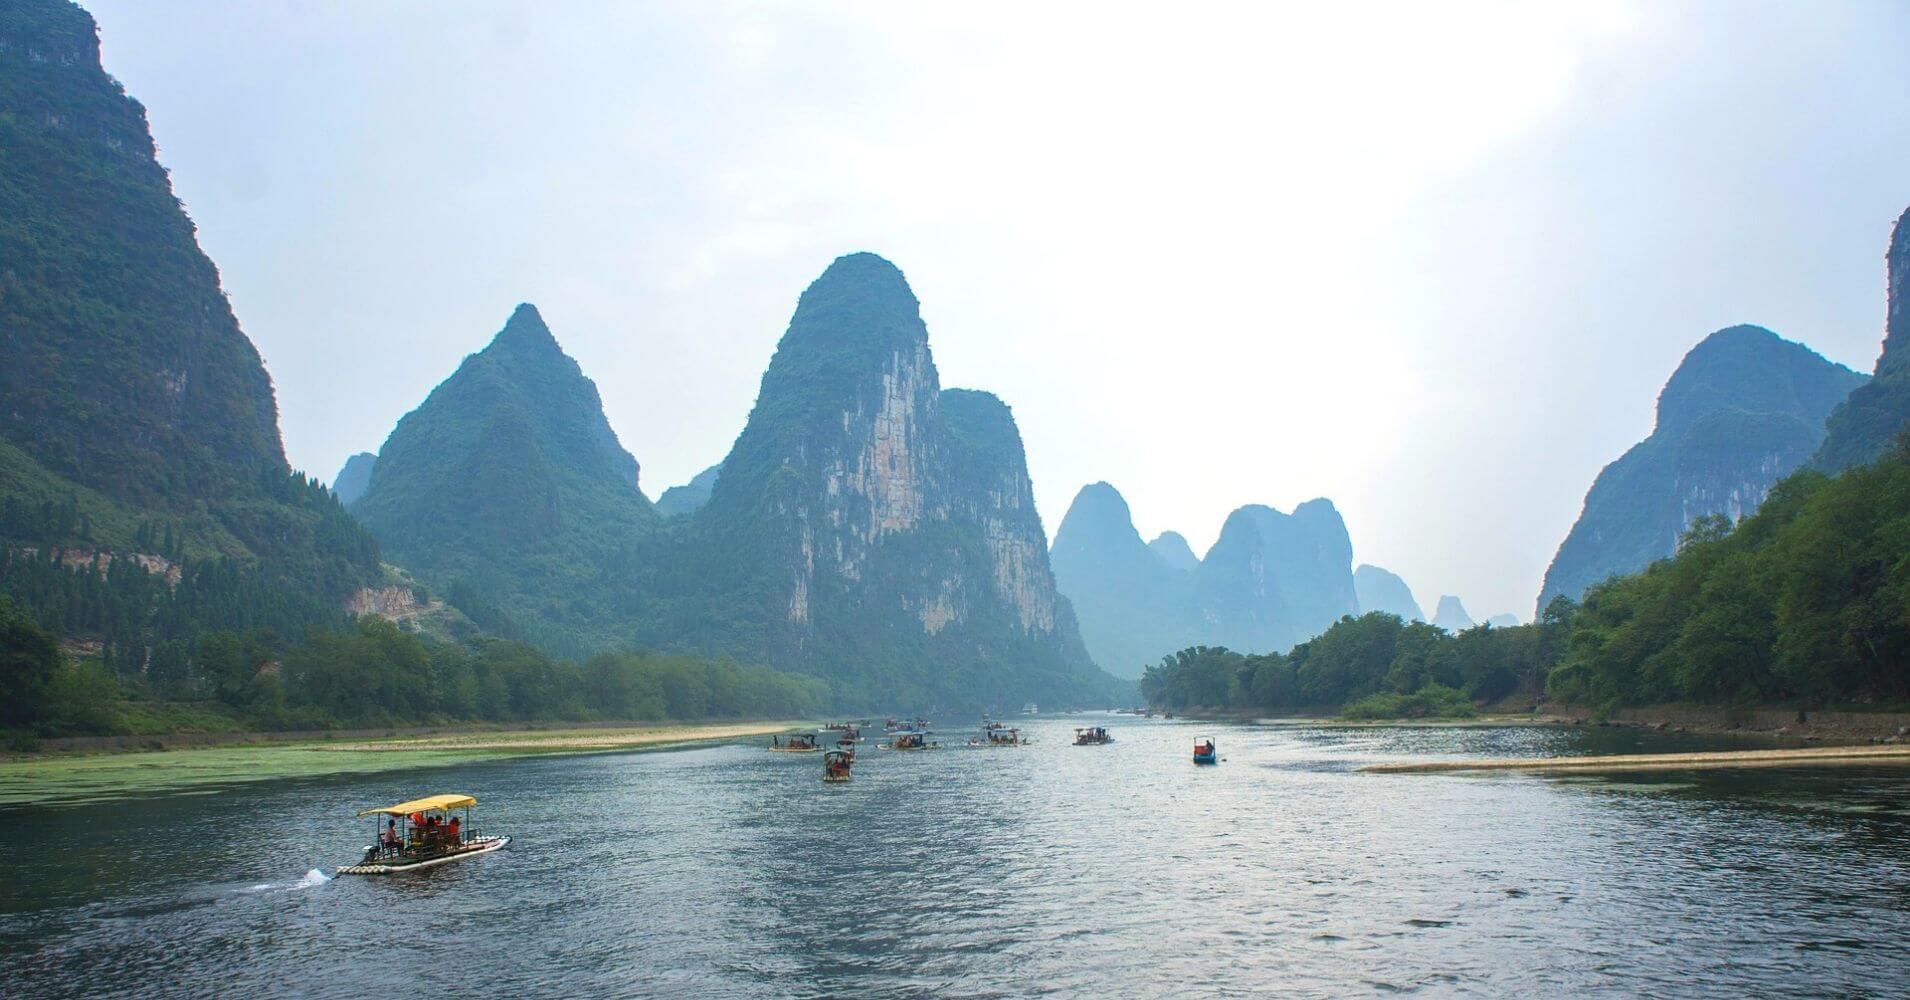 Navegando por el Río Lí. China.